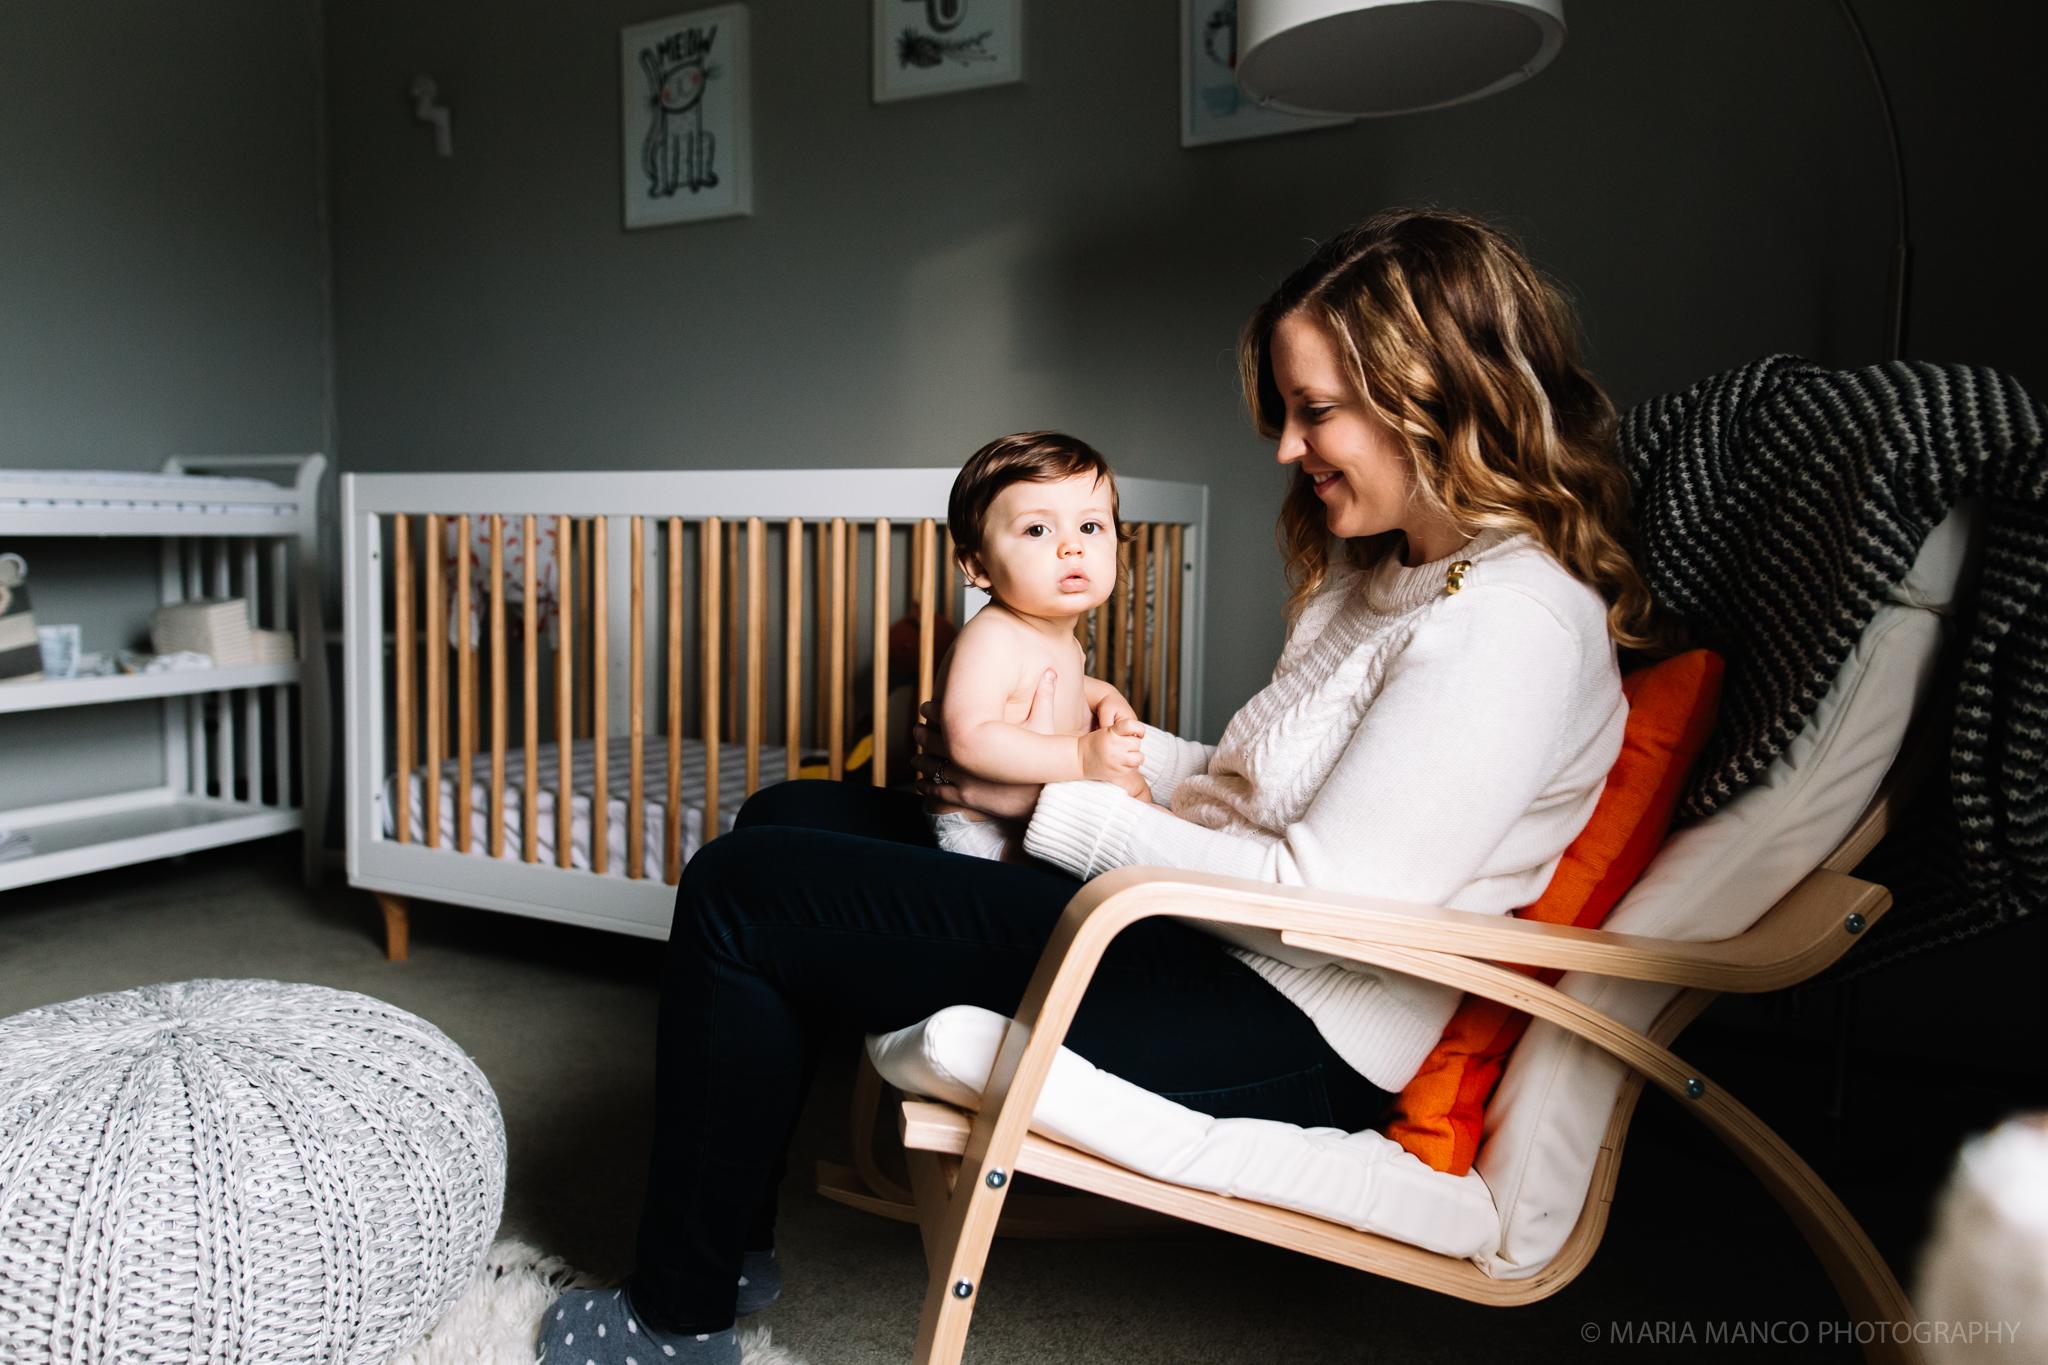 Cleveland, Ohio Children and Family Lifestyle Photographer Family Photojournalism Documentary Maria Manco Photography